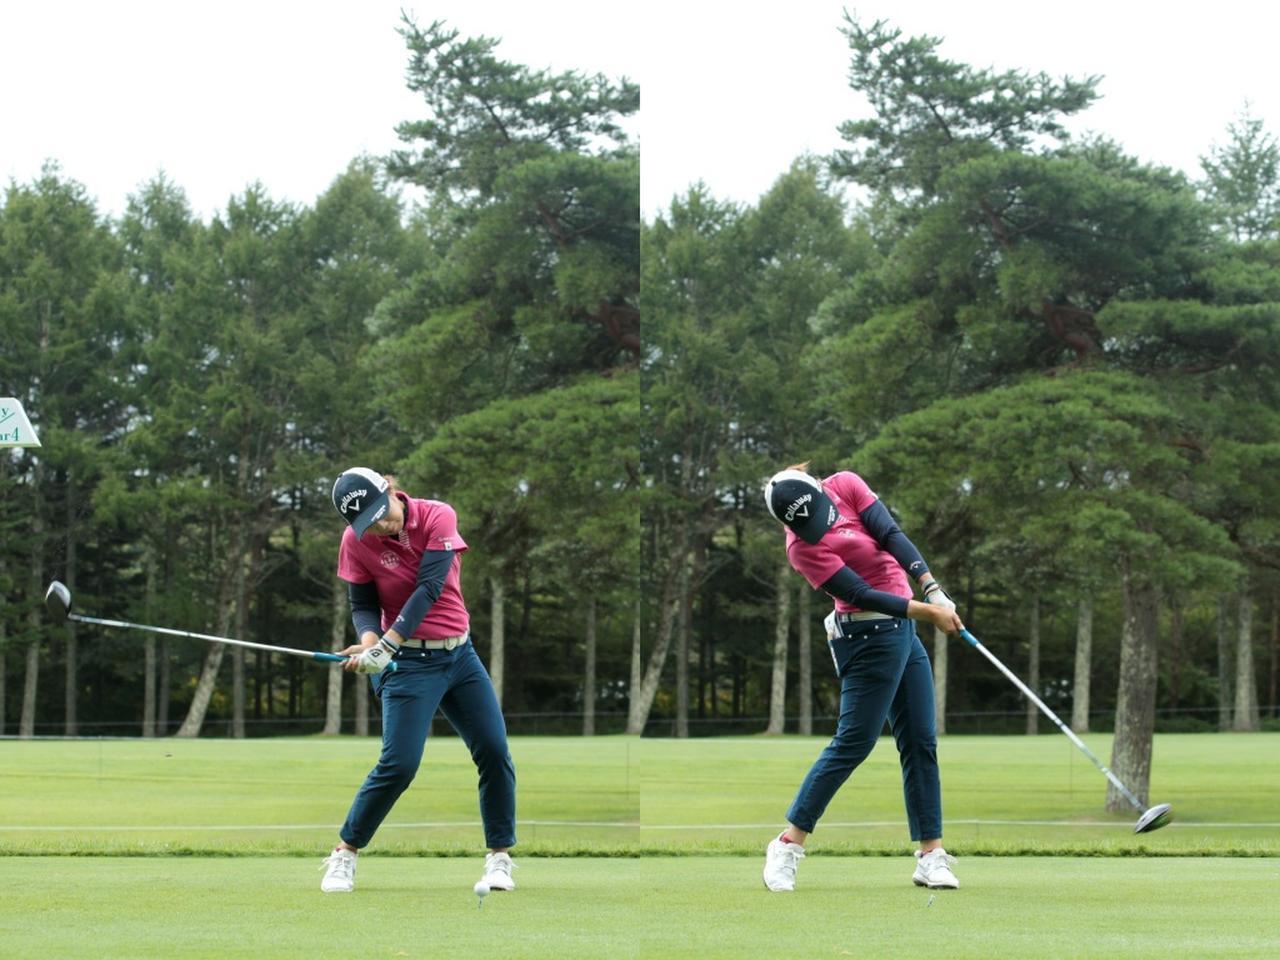 画像: 画像B:体のねじり戻しで回転力を生みフェースの開閉を少なくすることで飛距離と方向性を両立させる